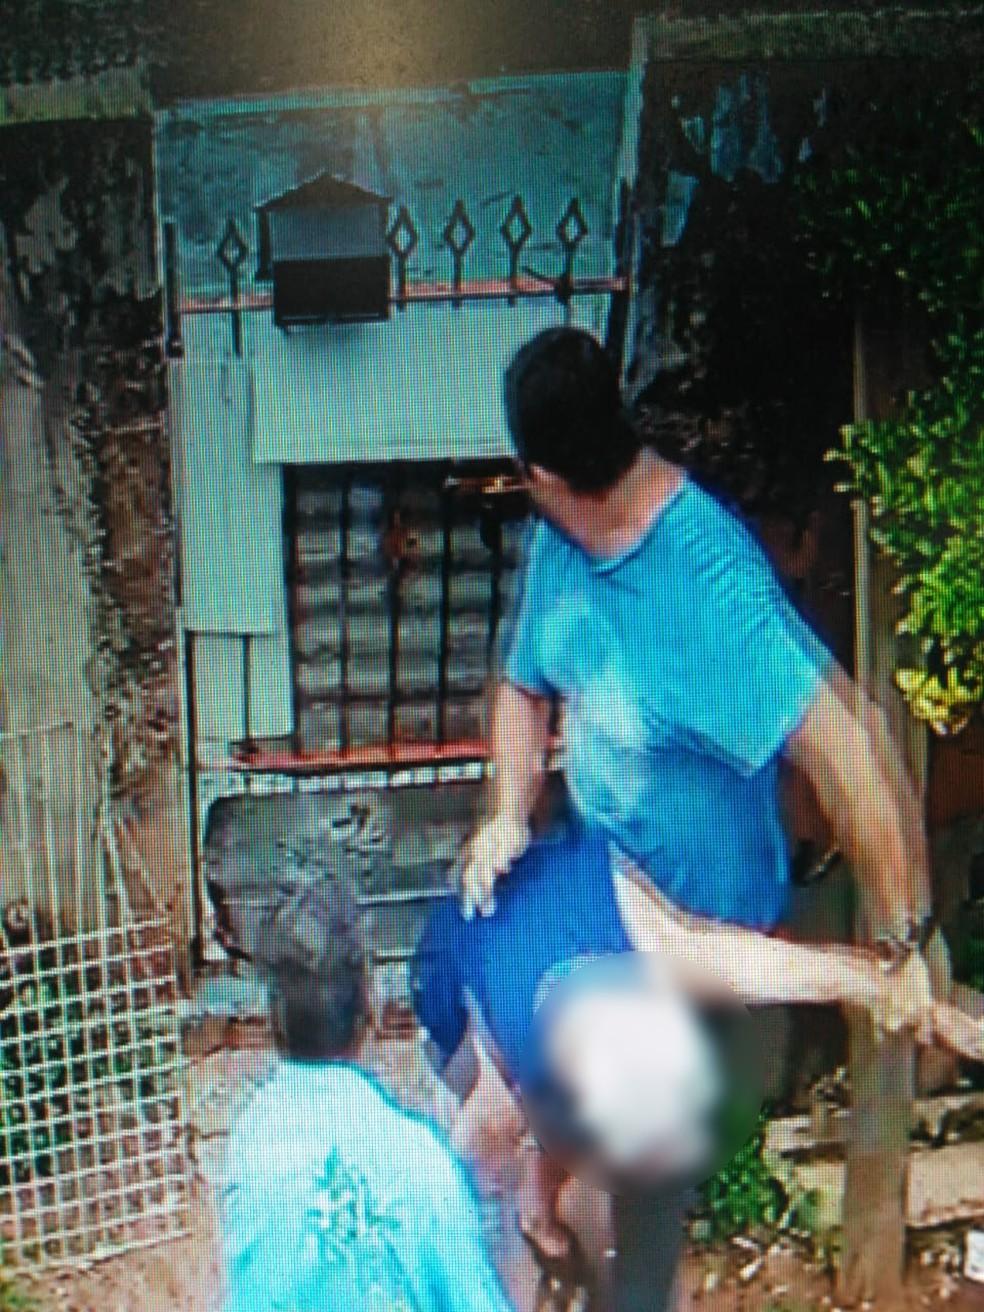 Suspeitos chegaram a empurrar o idoso durante a ação  — Foto: Reprodução / Circuito de Segurança